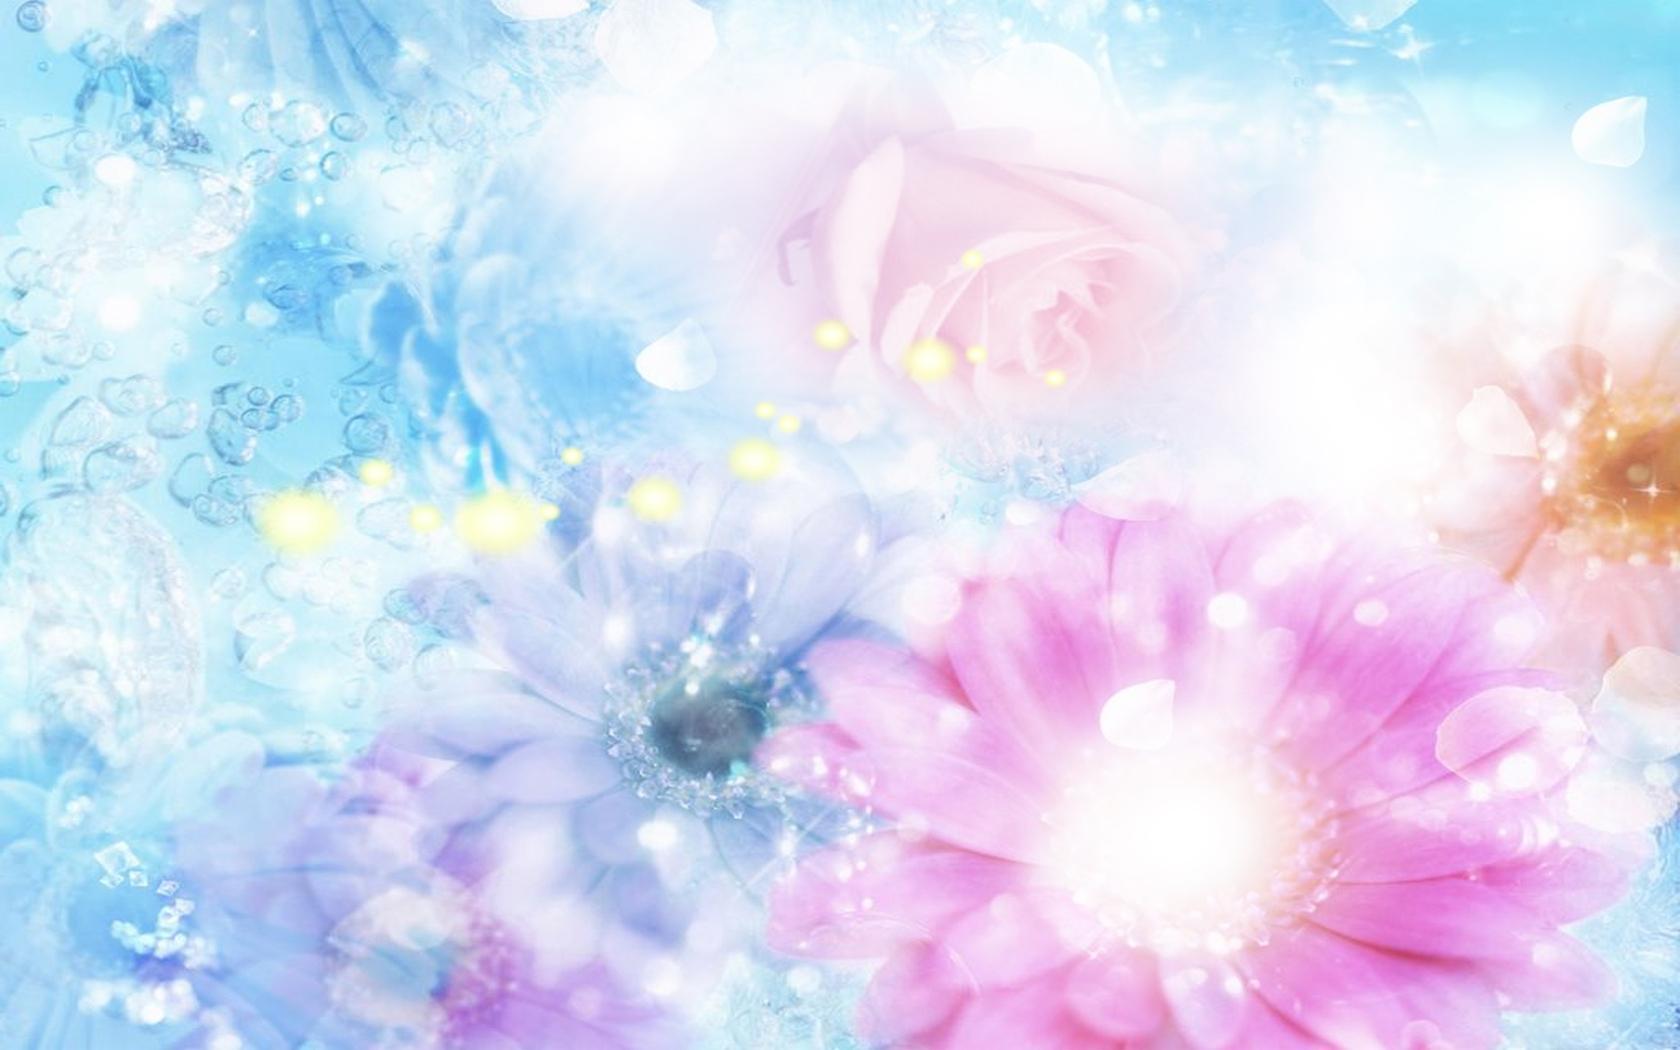 Download 42 Koleksi Wallpaper Bunga Efek Gratis Terbaru